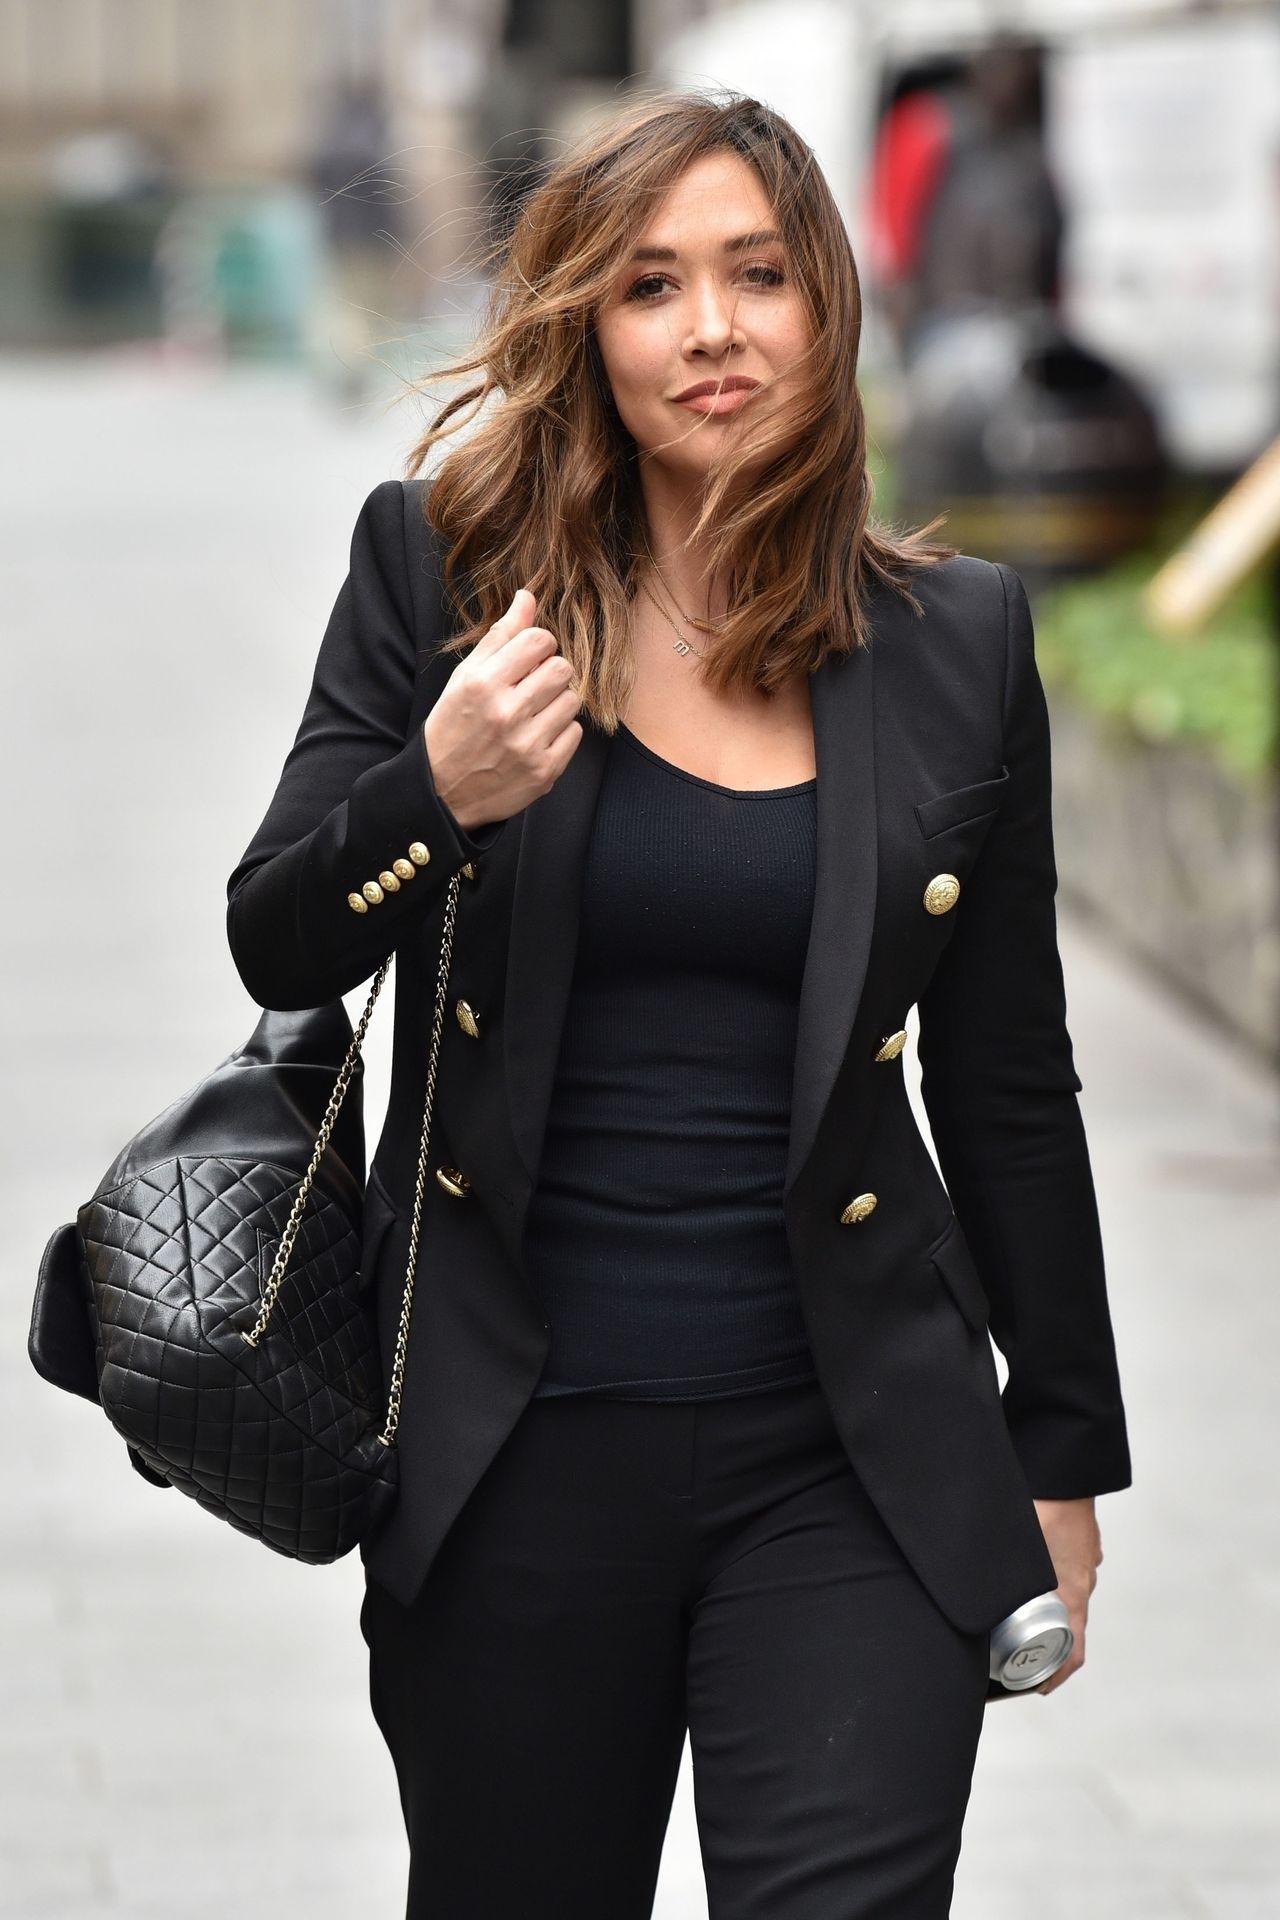 Myleene Klass Looks Hot In All Black In London 0003